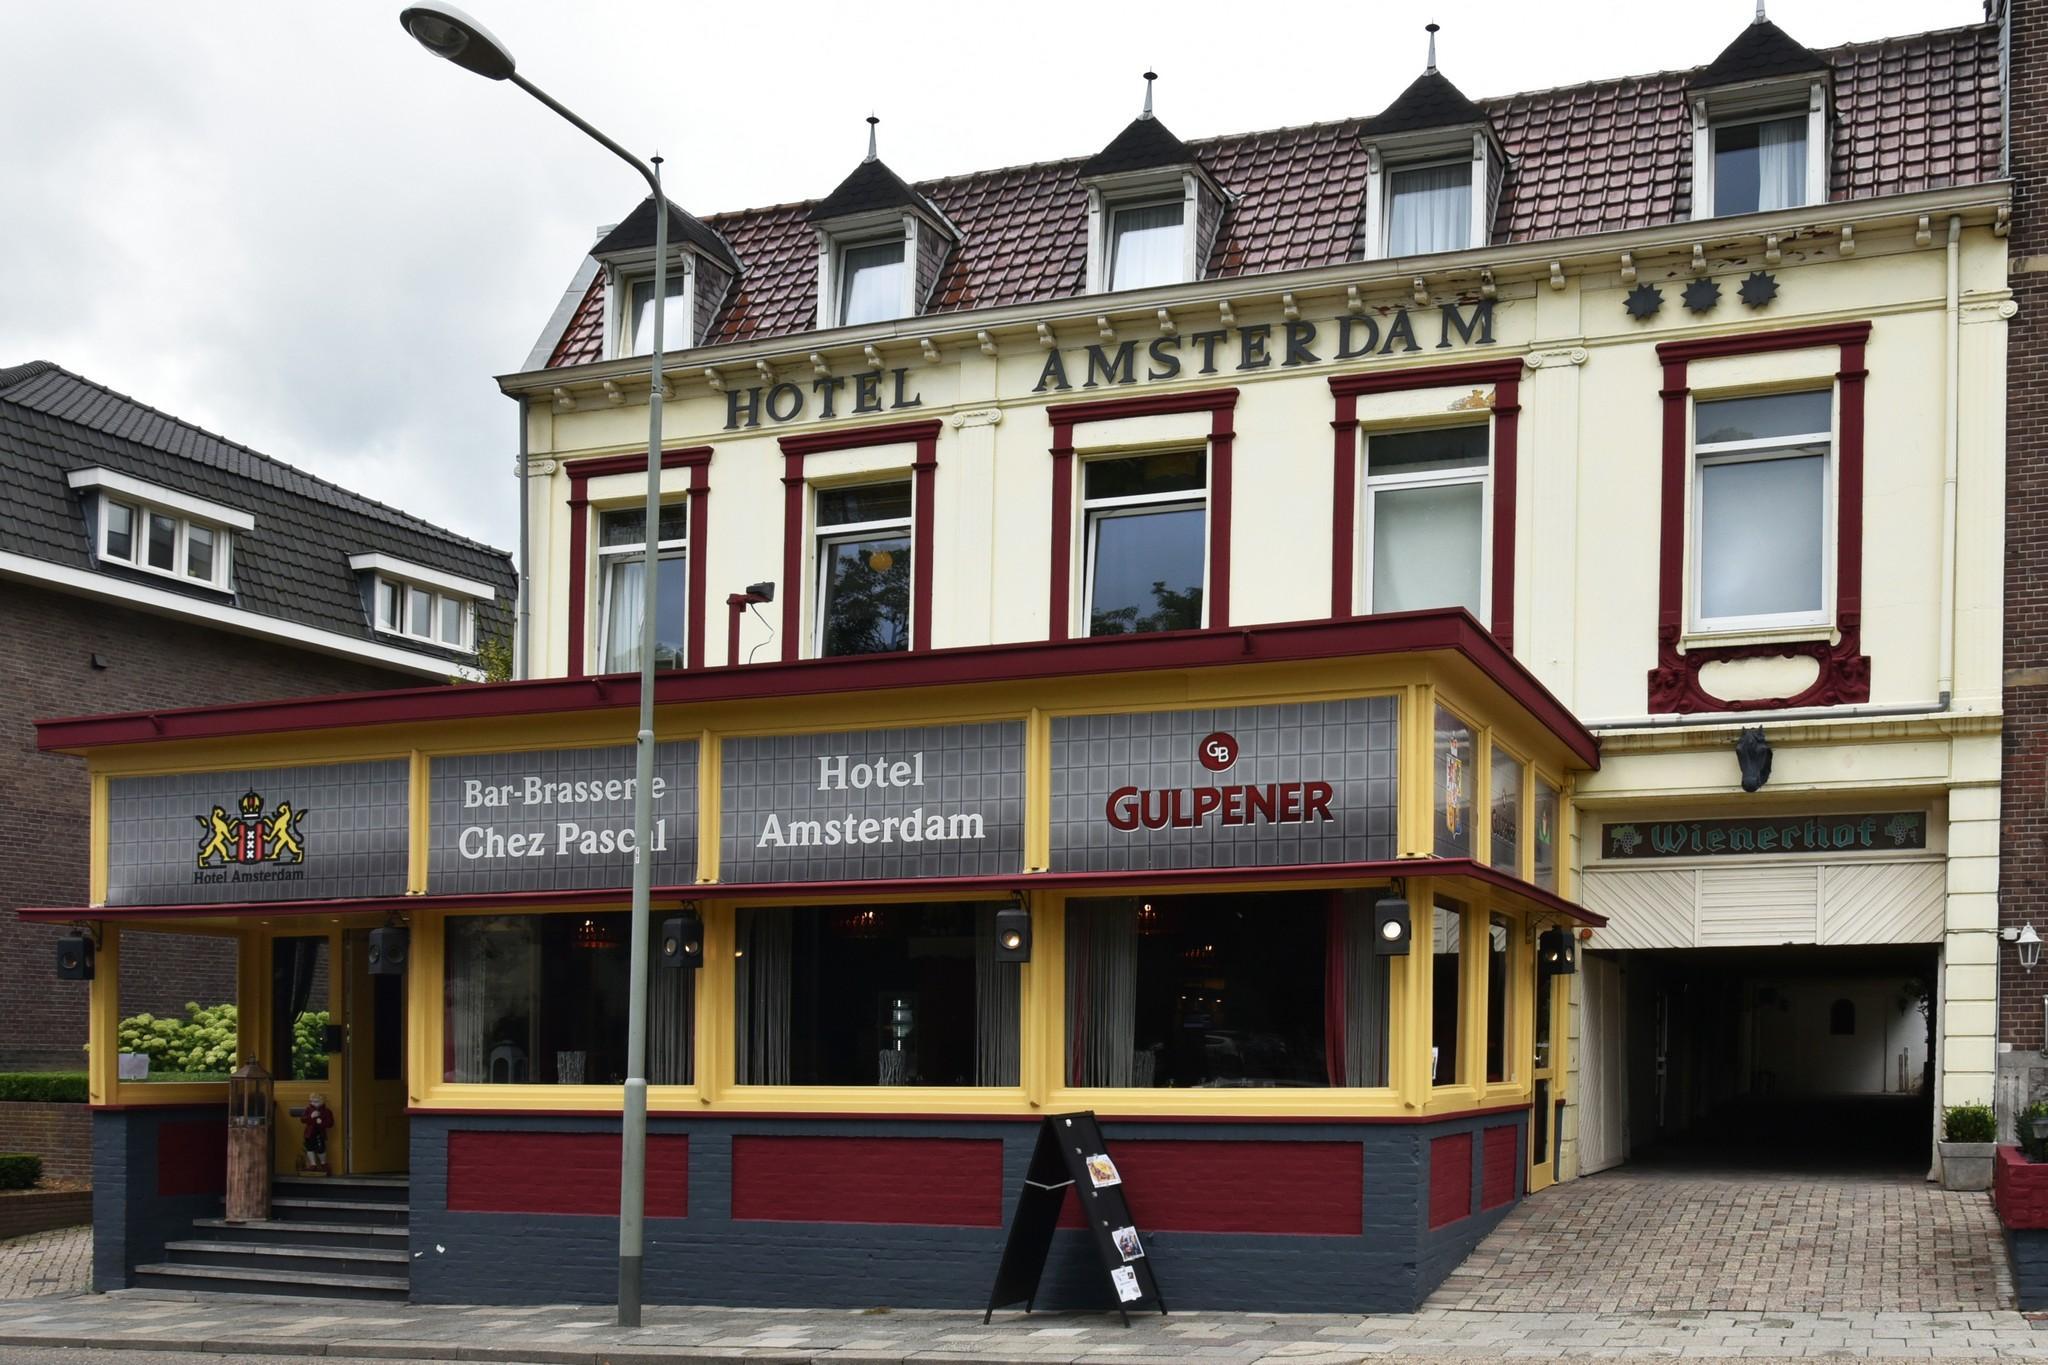 Hotel Amsterdam - Fauquemont, Valkenburg aan de Geul